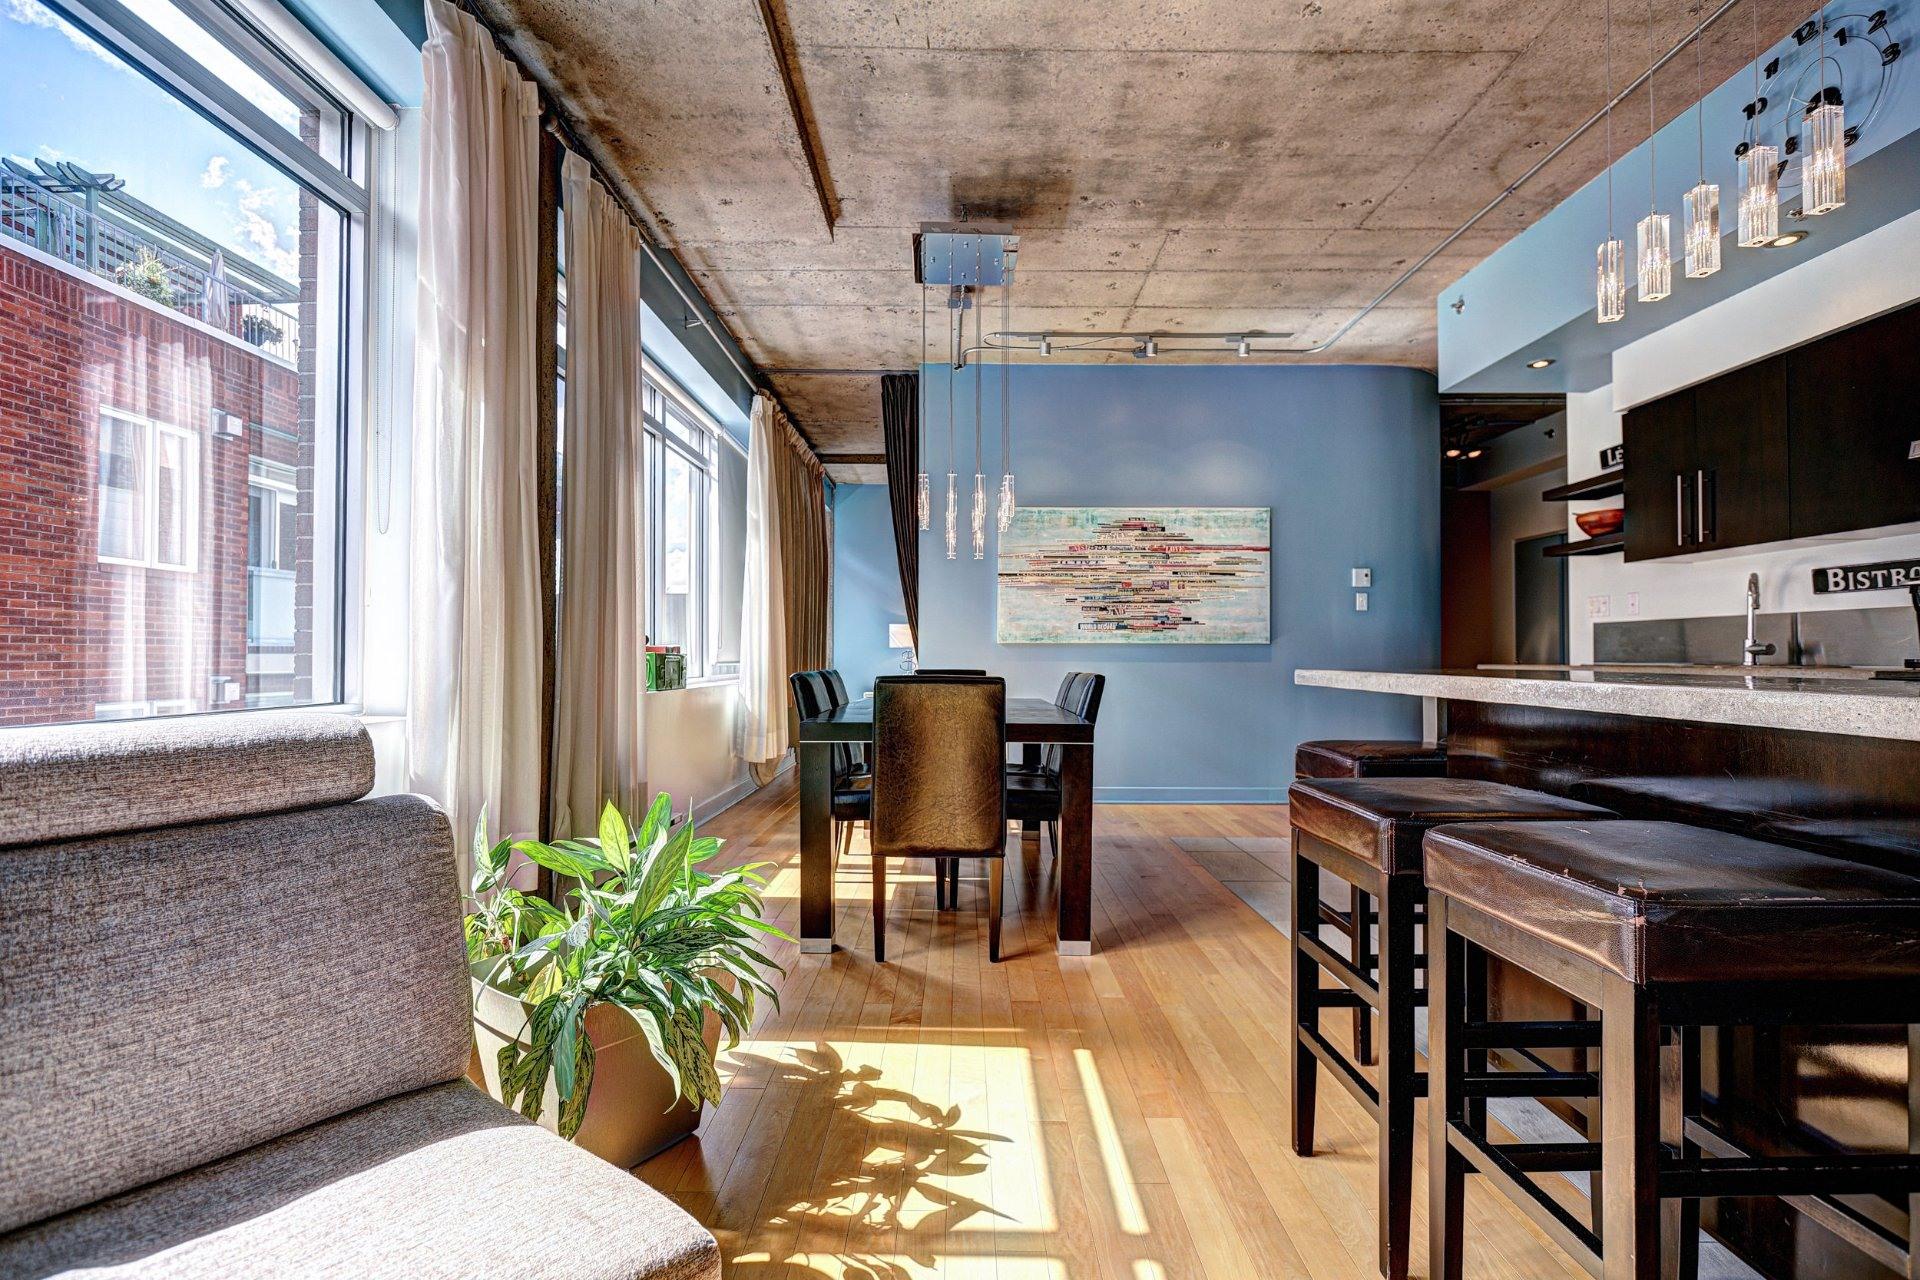 image 14 - Appartement À louer Villeray/Saint-Michel/Parc-Extension Montréal  - 8 pièces